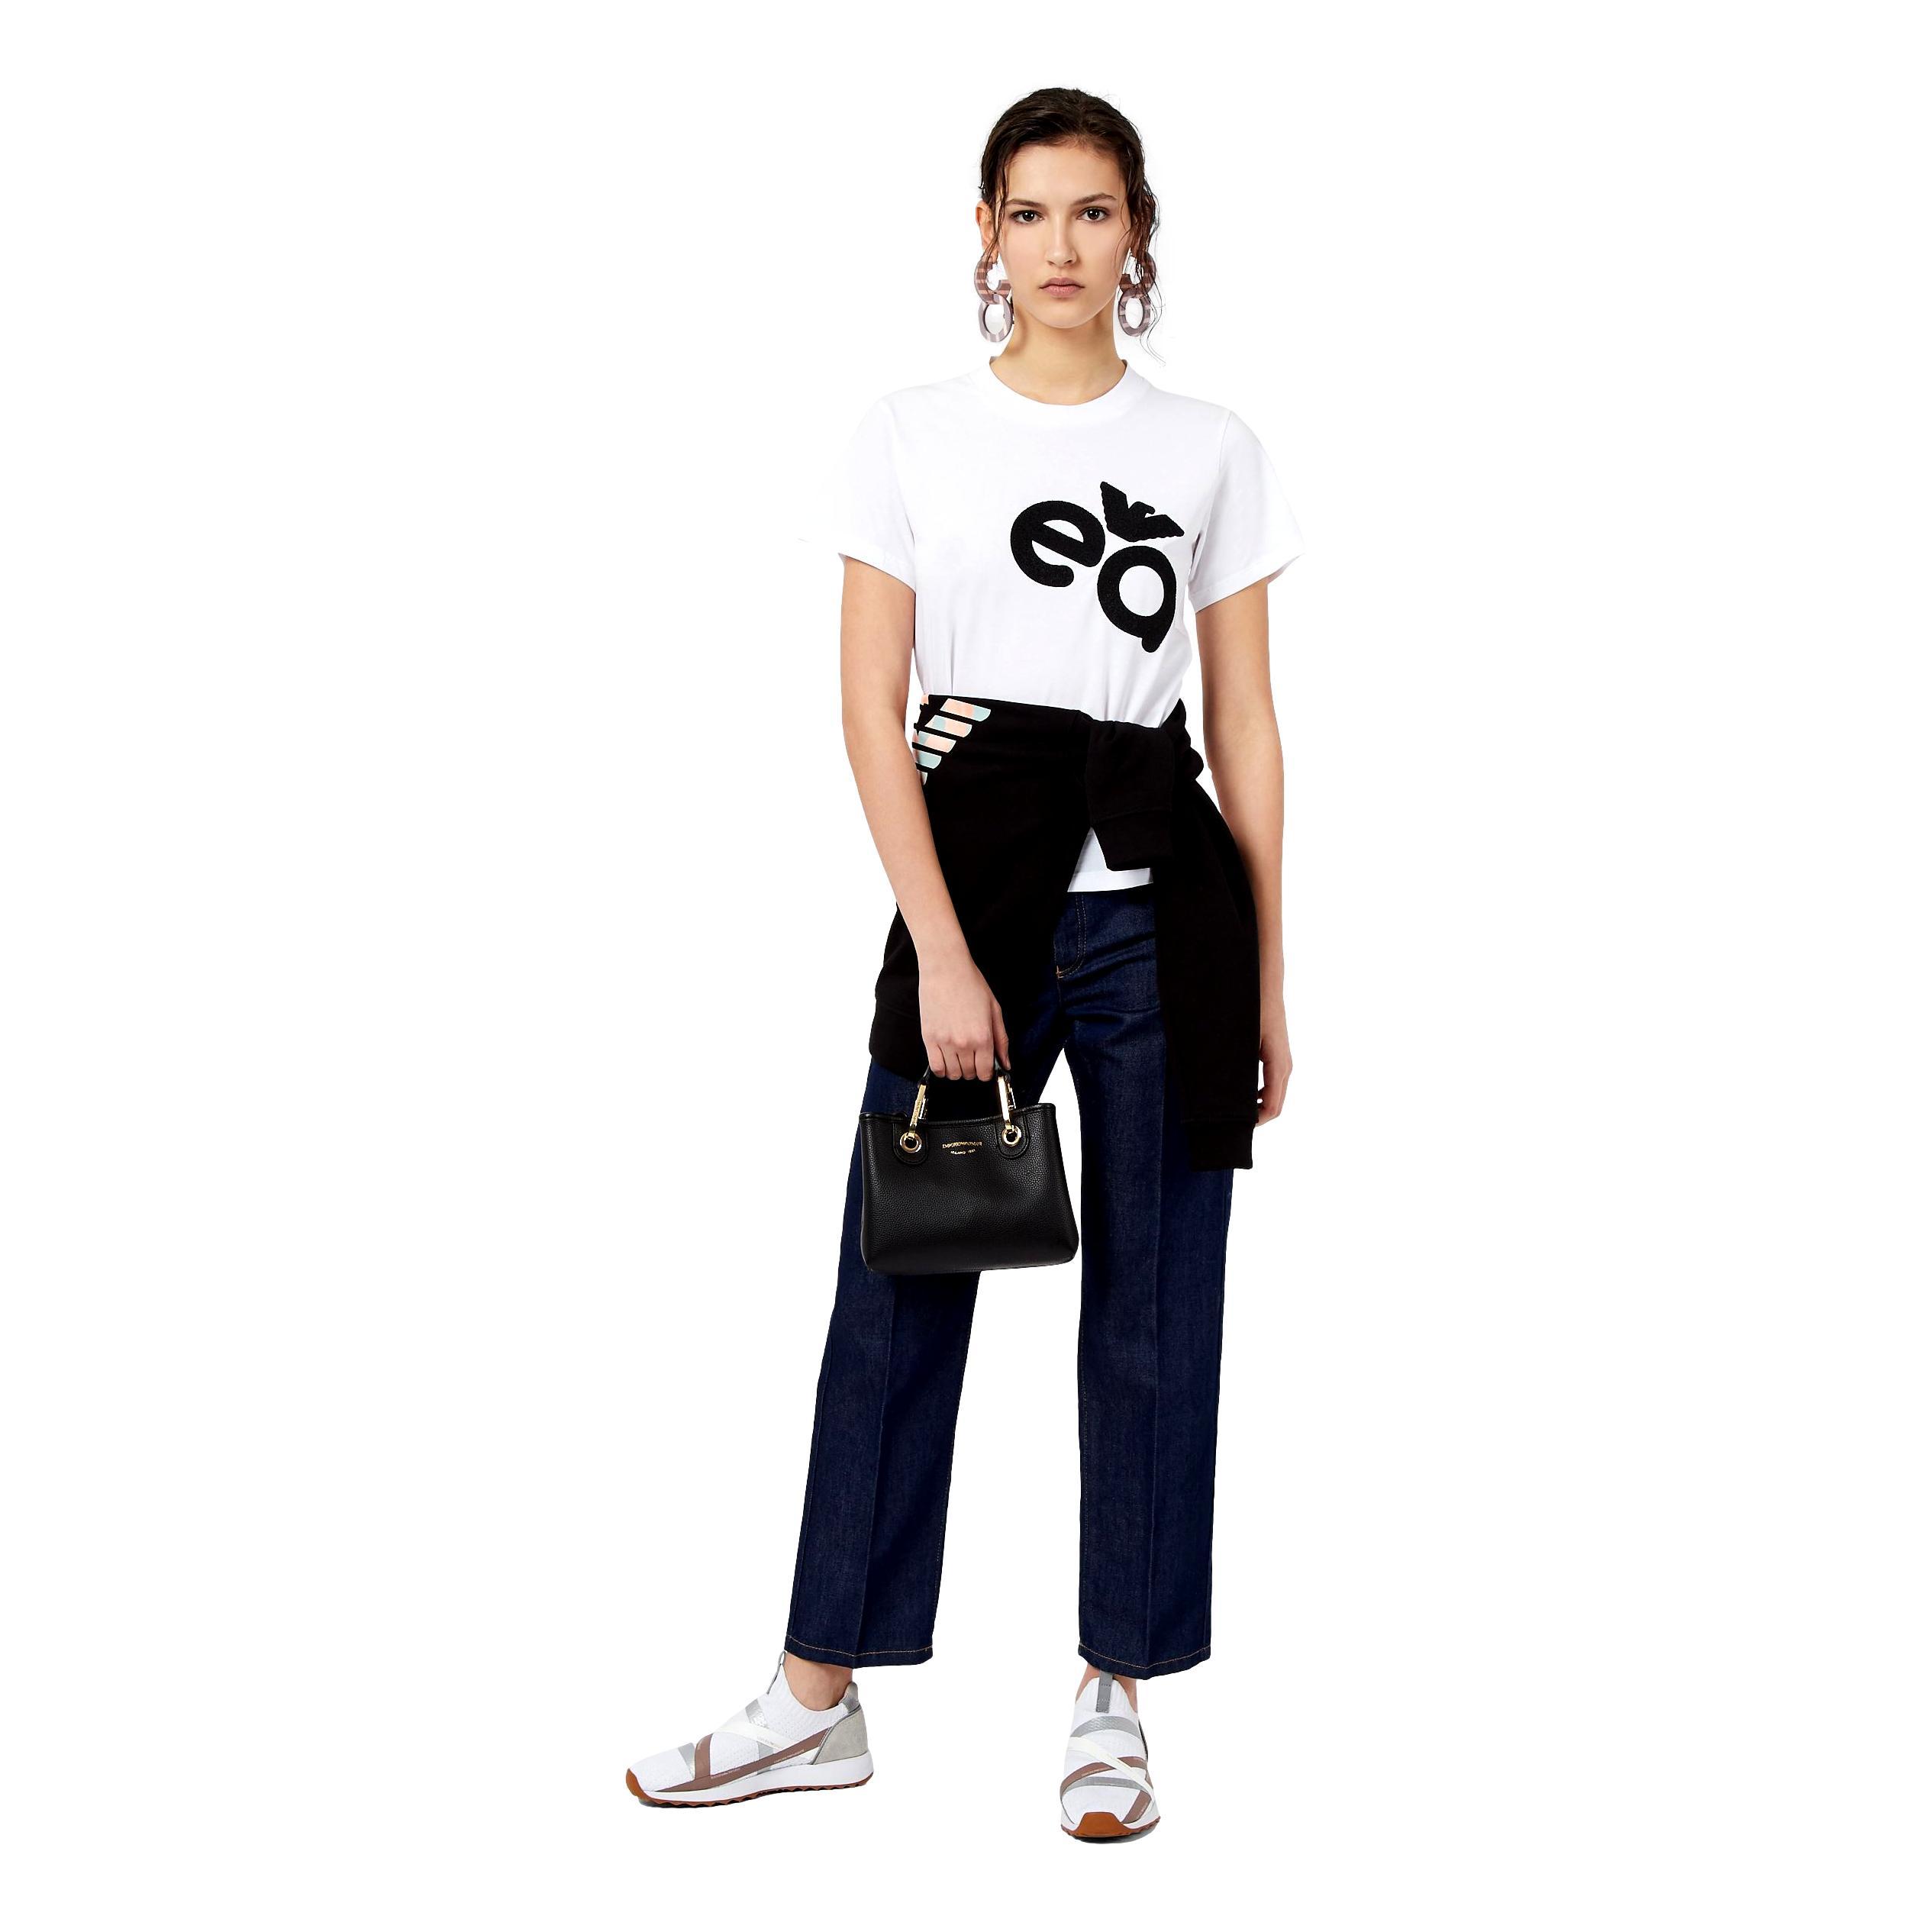 Stretch jersey T-Shirt with caviar logo print EMPORIO ARMANI |  | 3K2T7M 2J07Z0100